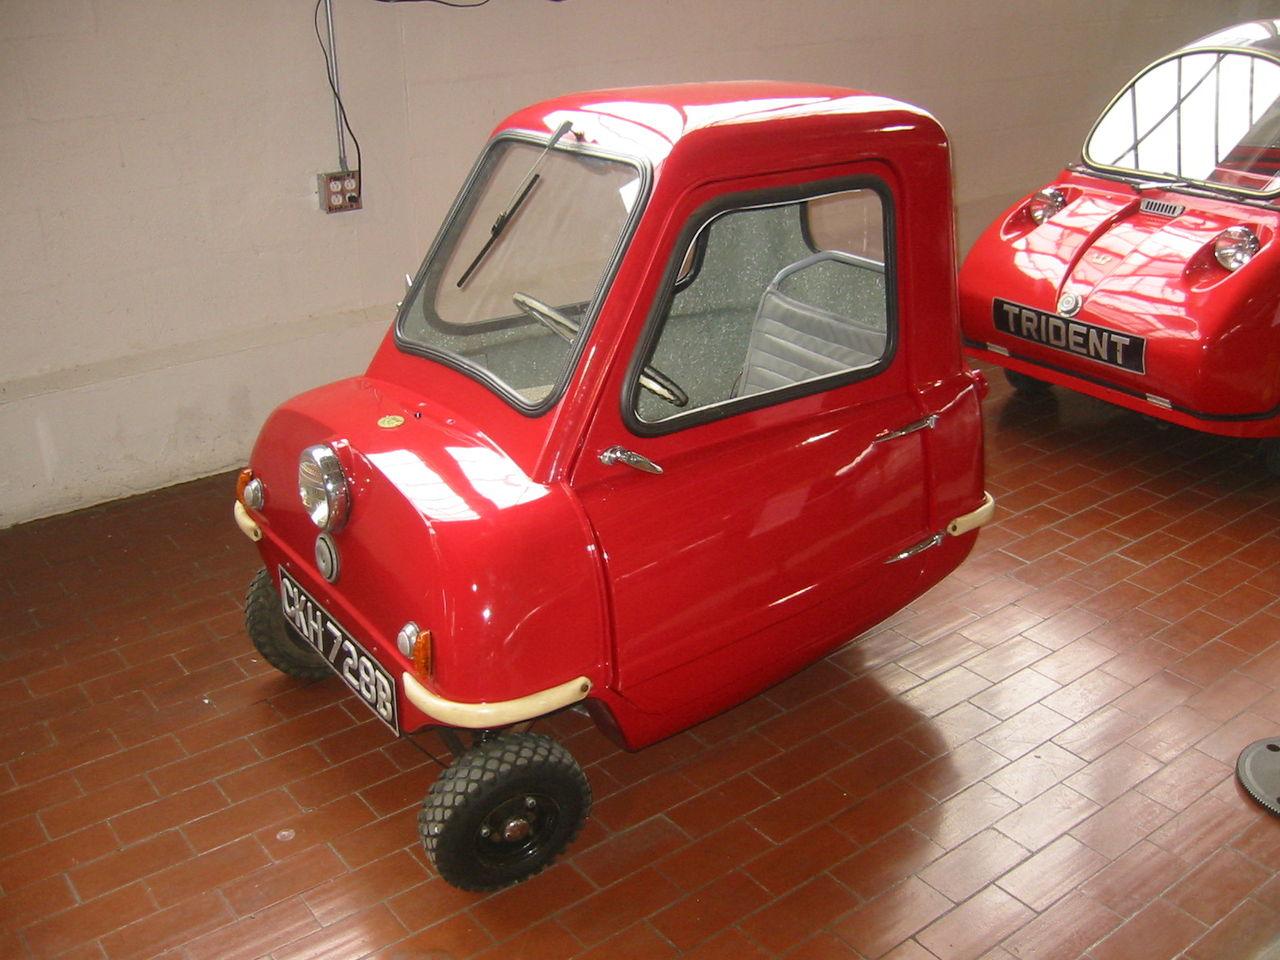 K Chenhaus K Ln file 1965 peel p50 the 39 s smallest car motor museum jpg